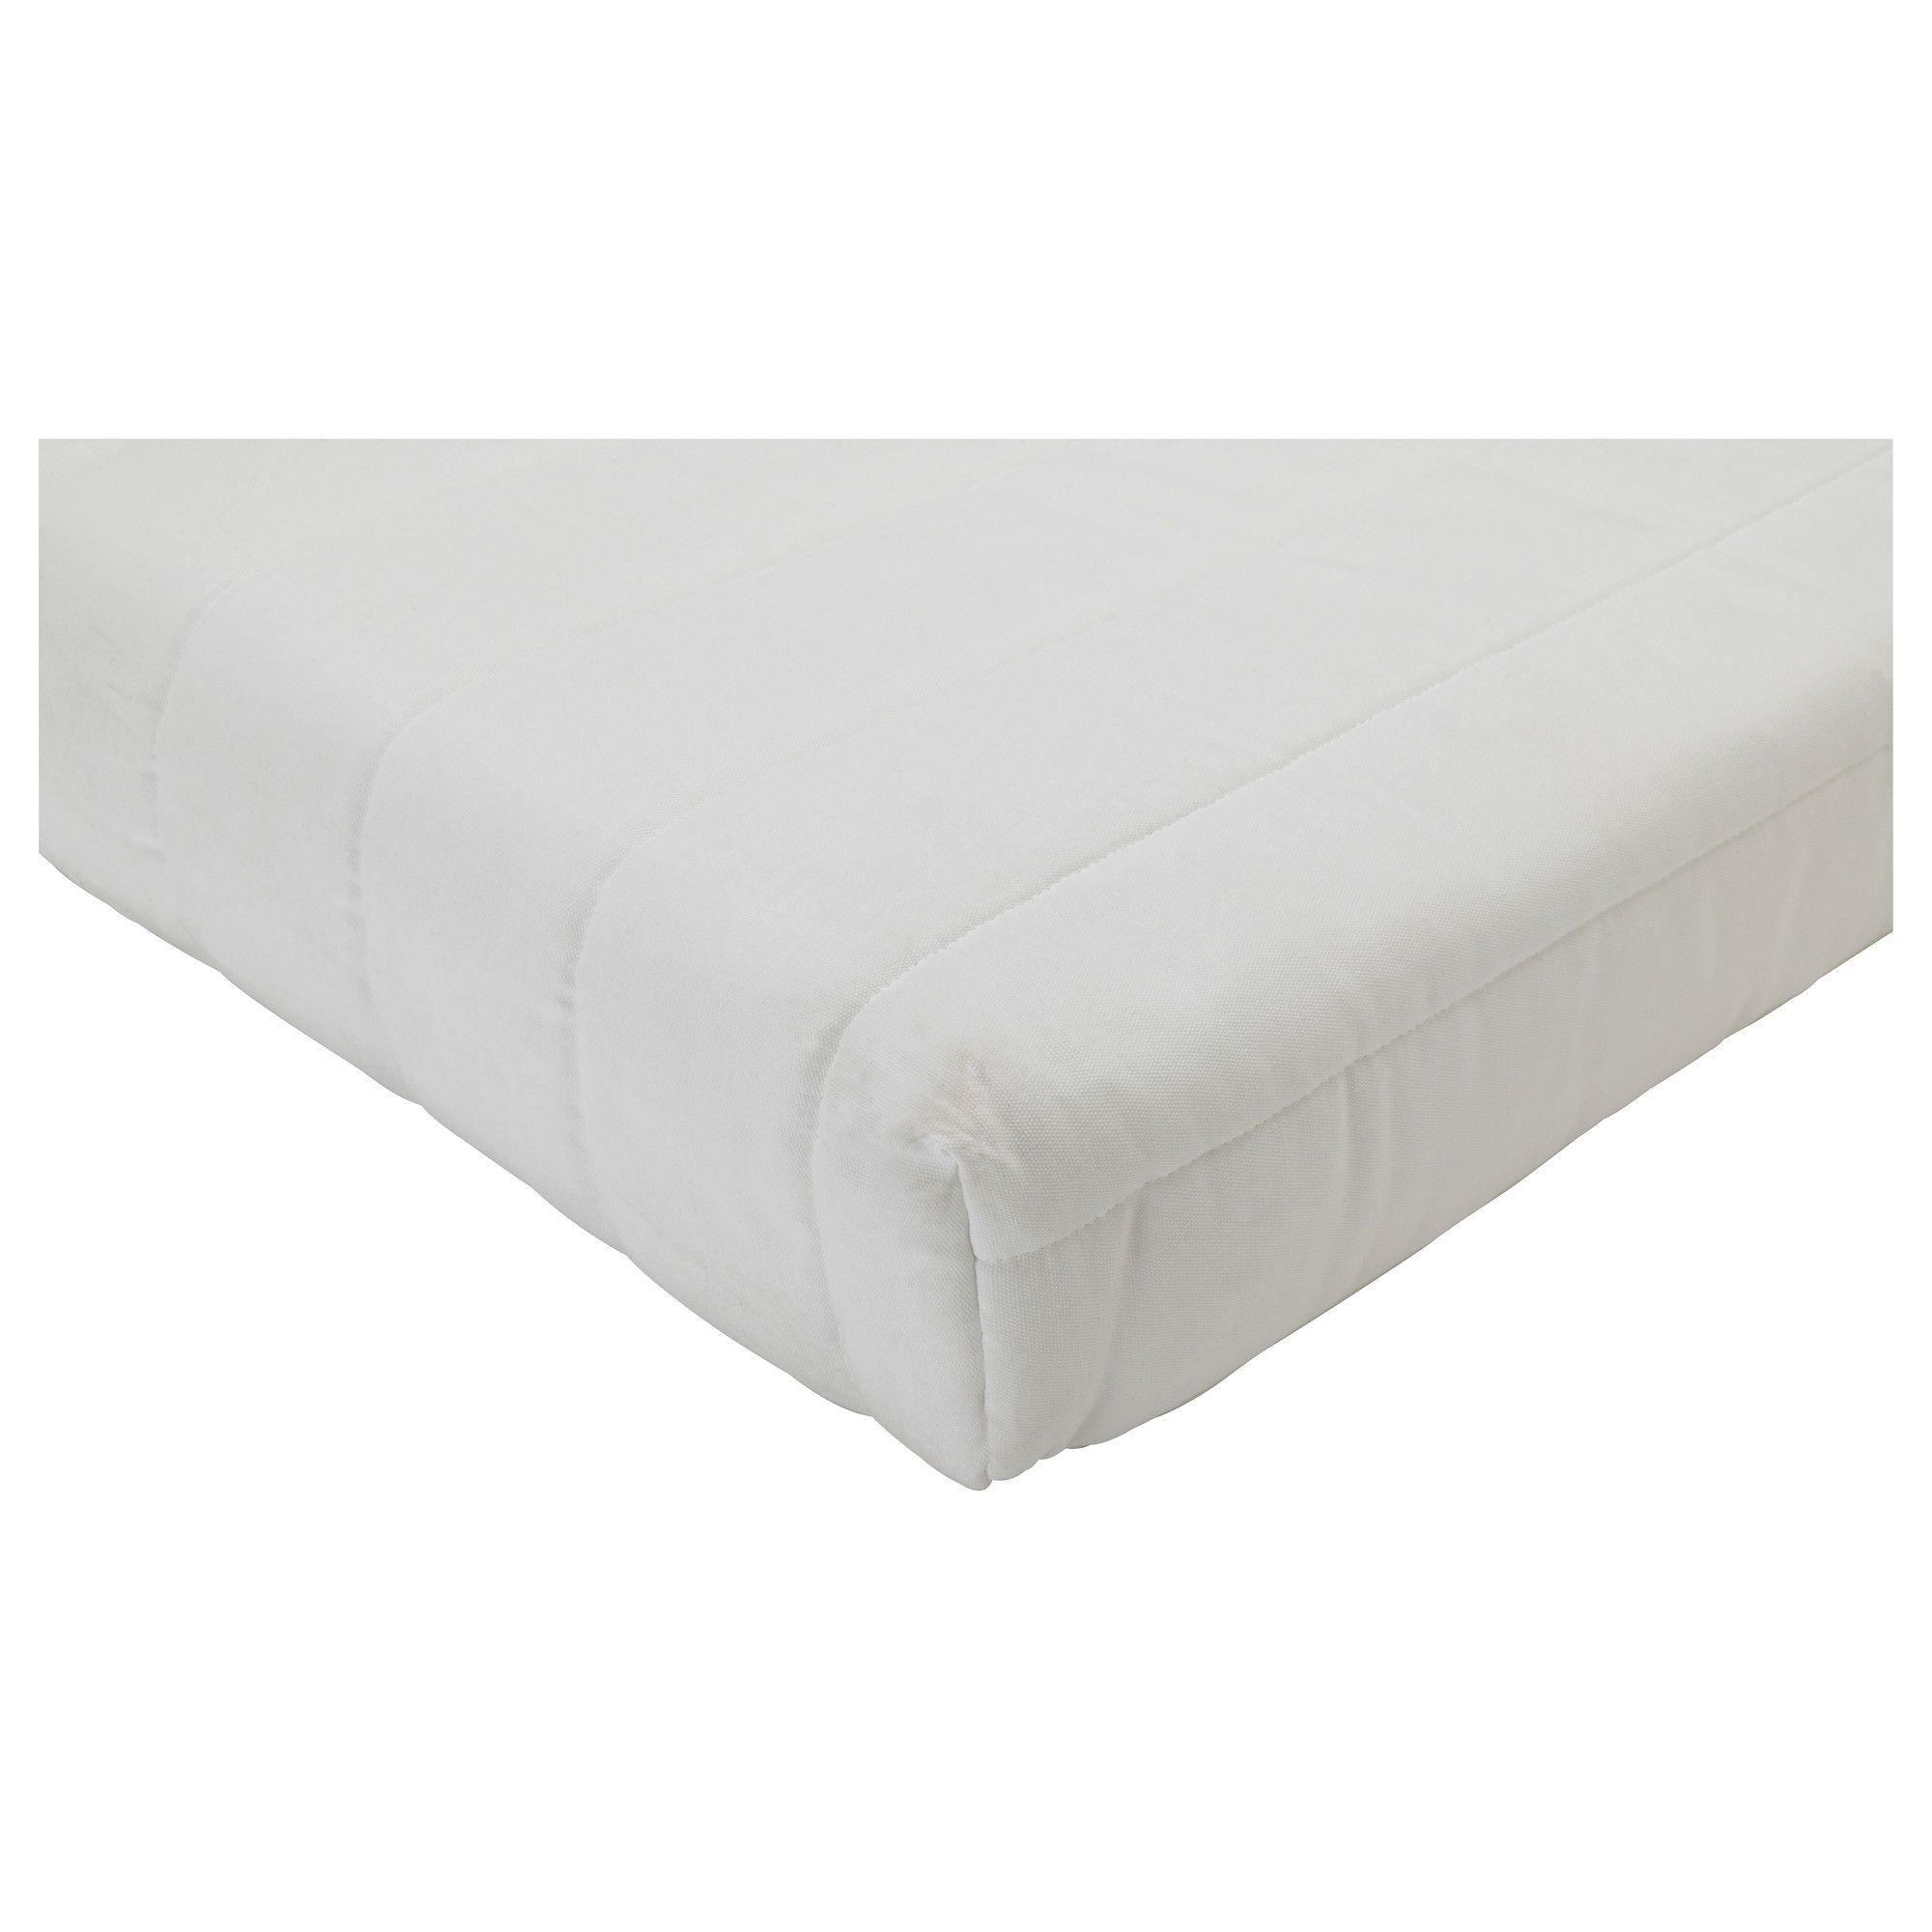 beddinge h vet matratze ikea 169 00 for teenagers. Black Bedroom Furniture Sets. Home Design Ideas